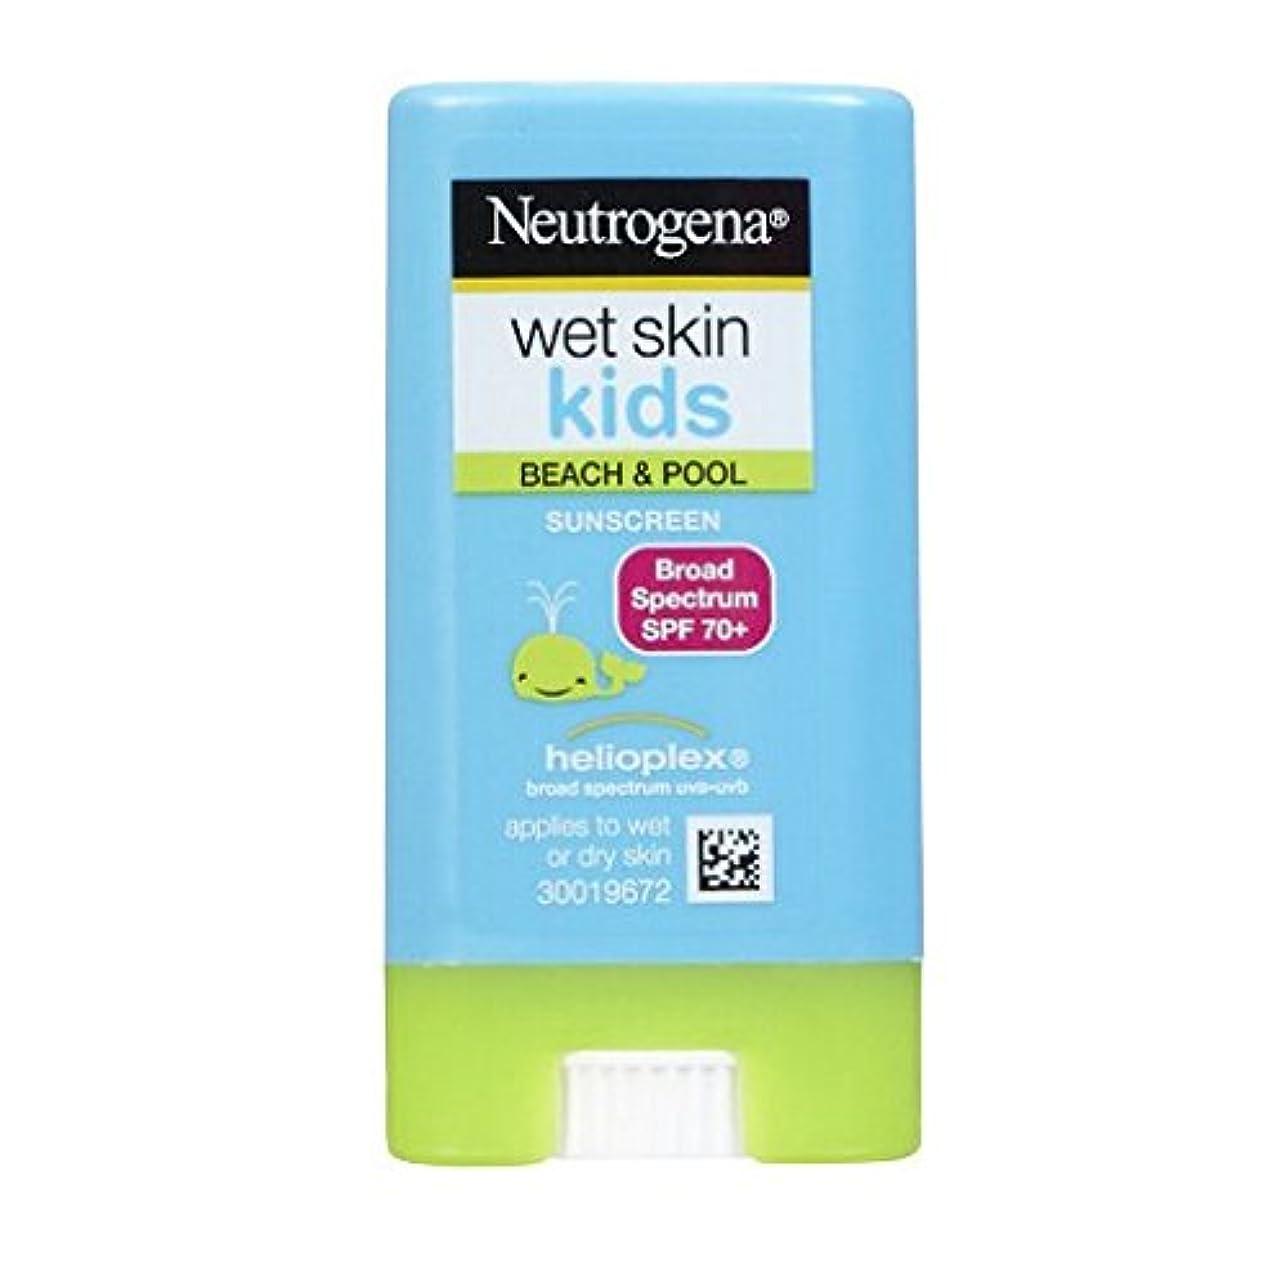 ファックス受ける便益ニュートロジーナ サンスクリーン SPF70 小さな子にも塗りやすいスティックタイプ13g 100%ナチュラル処方 目にしみない日焼け止め 濡れた肌にもOK! ビーチやプールで大活躍 アメリカの皮膚科医が一番に勧めるサンスクリーン Neutrogena Wet Skin Kids Beach & Pool Sunscreen Stick Broad Spectrum SPF 70, .47 oz [並行輸入品]